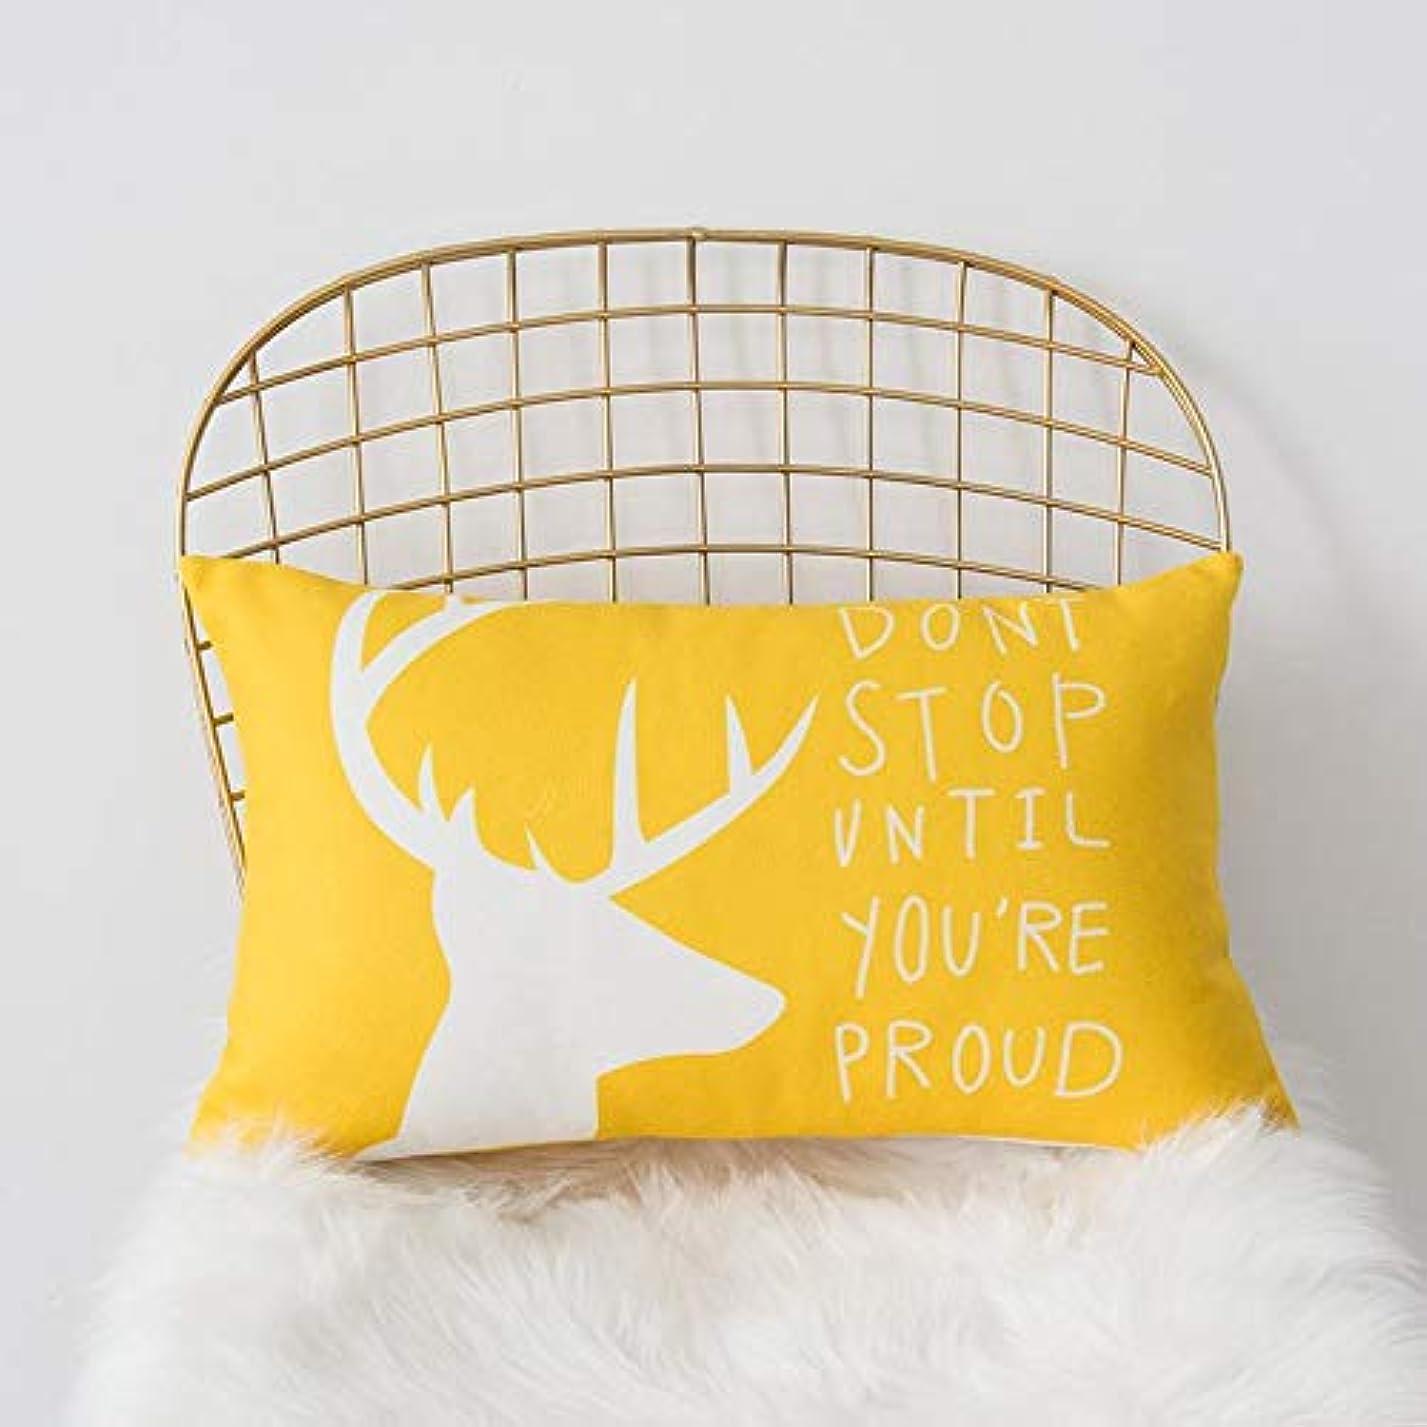 注意多様な叫び声LIFE 黄色グレー枕北欧スタイル黄色ヘラジカ幾何枕リビングルームのインテリアソファクッション Cojines 装飾良質 クッション 椅子